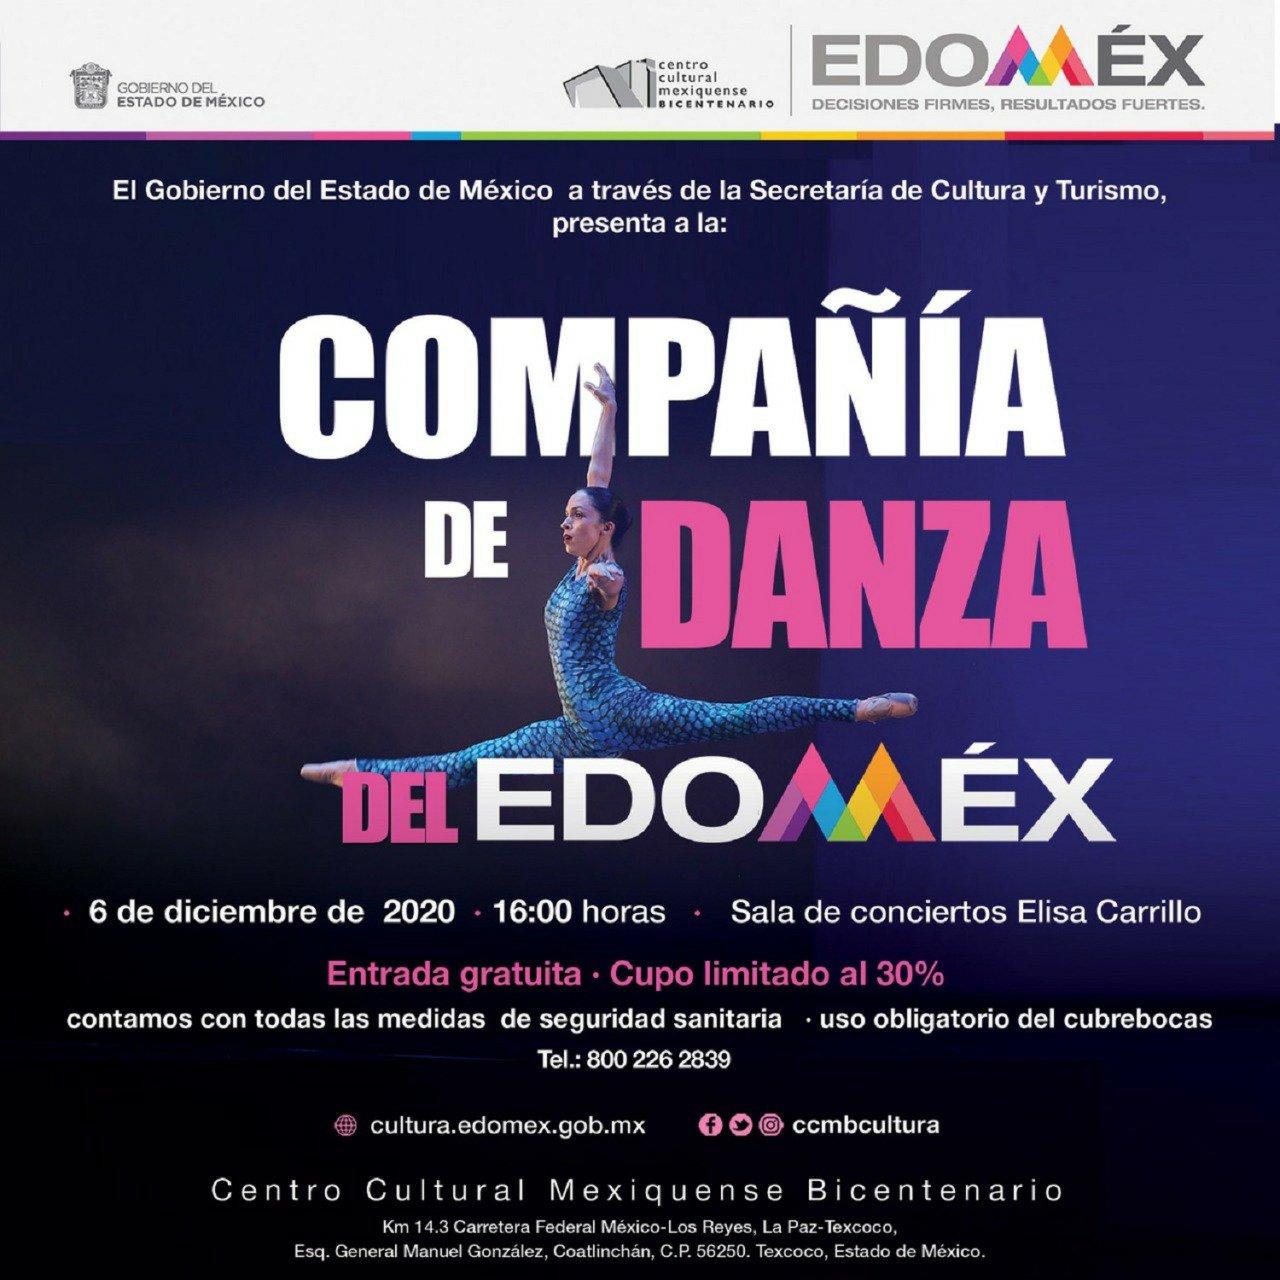 Inician actividades decembrinas en Centro Cultural mexiquense Bicentenario - Dic 3, 2020